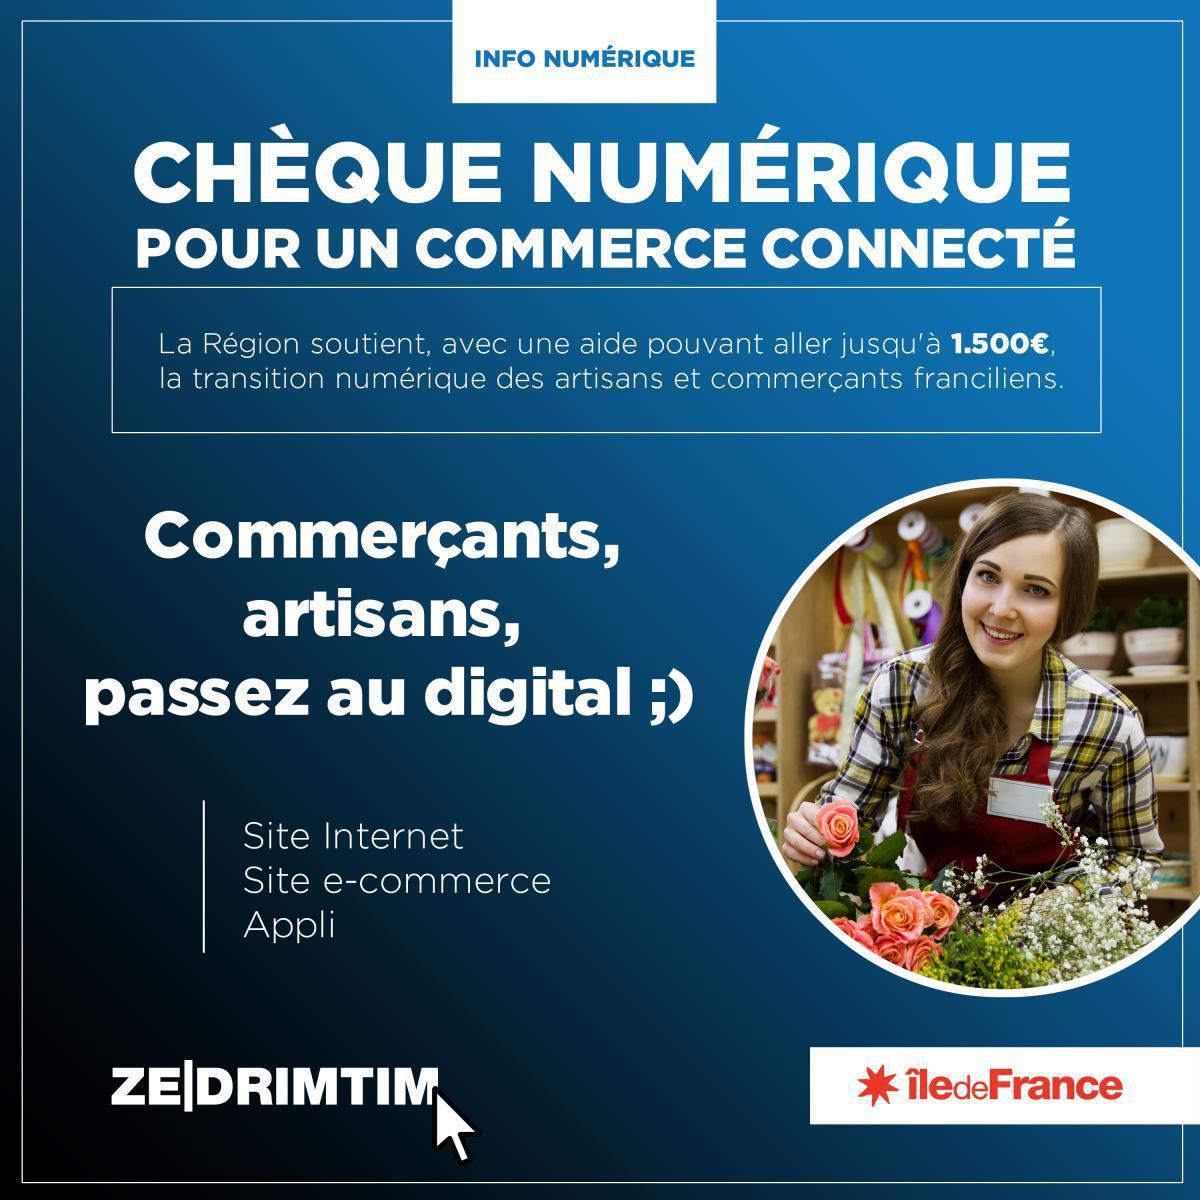 Info chèque numérique pour les commerçants et artisans